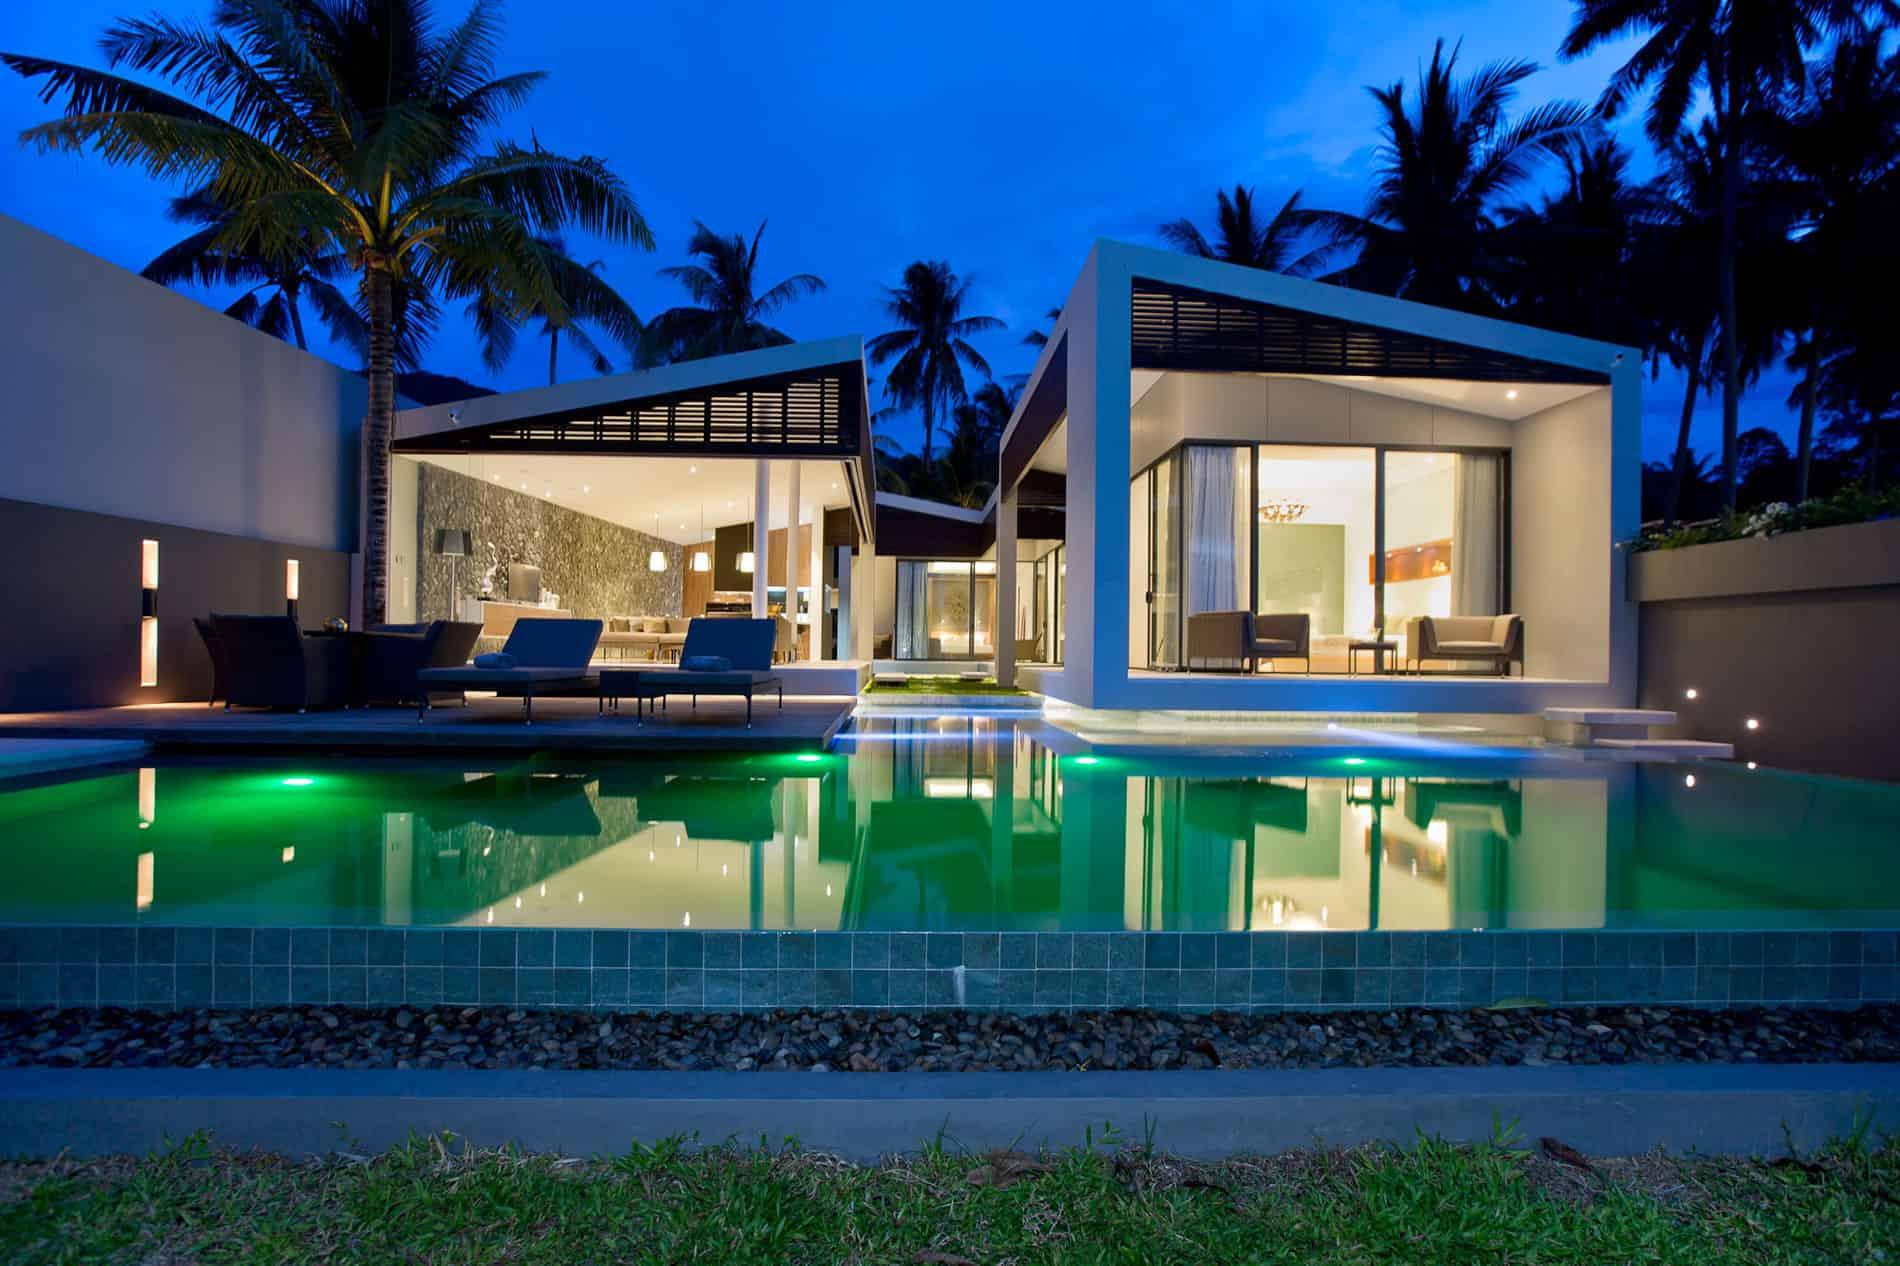 Mandalay beach villas